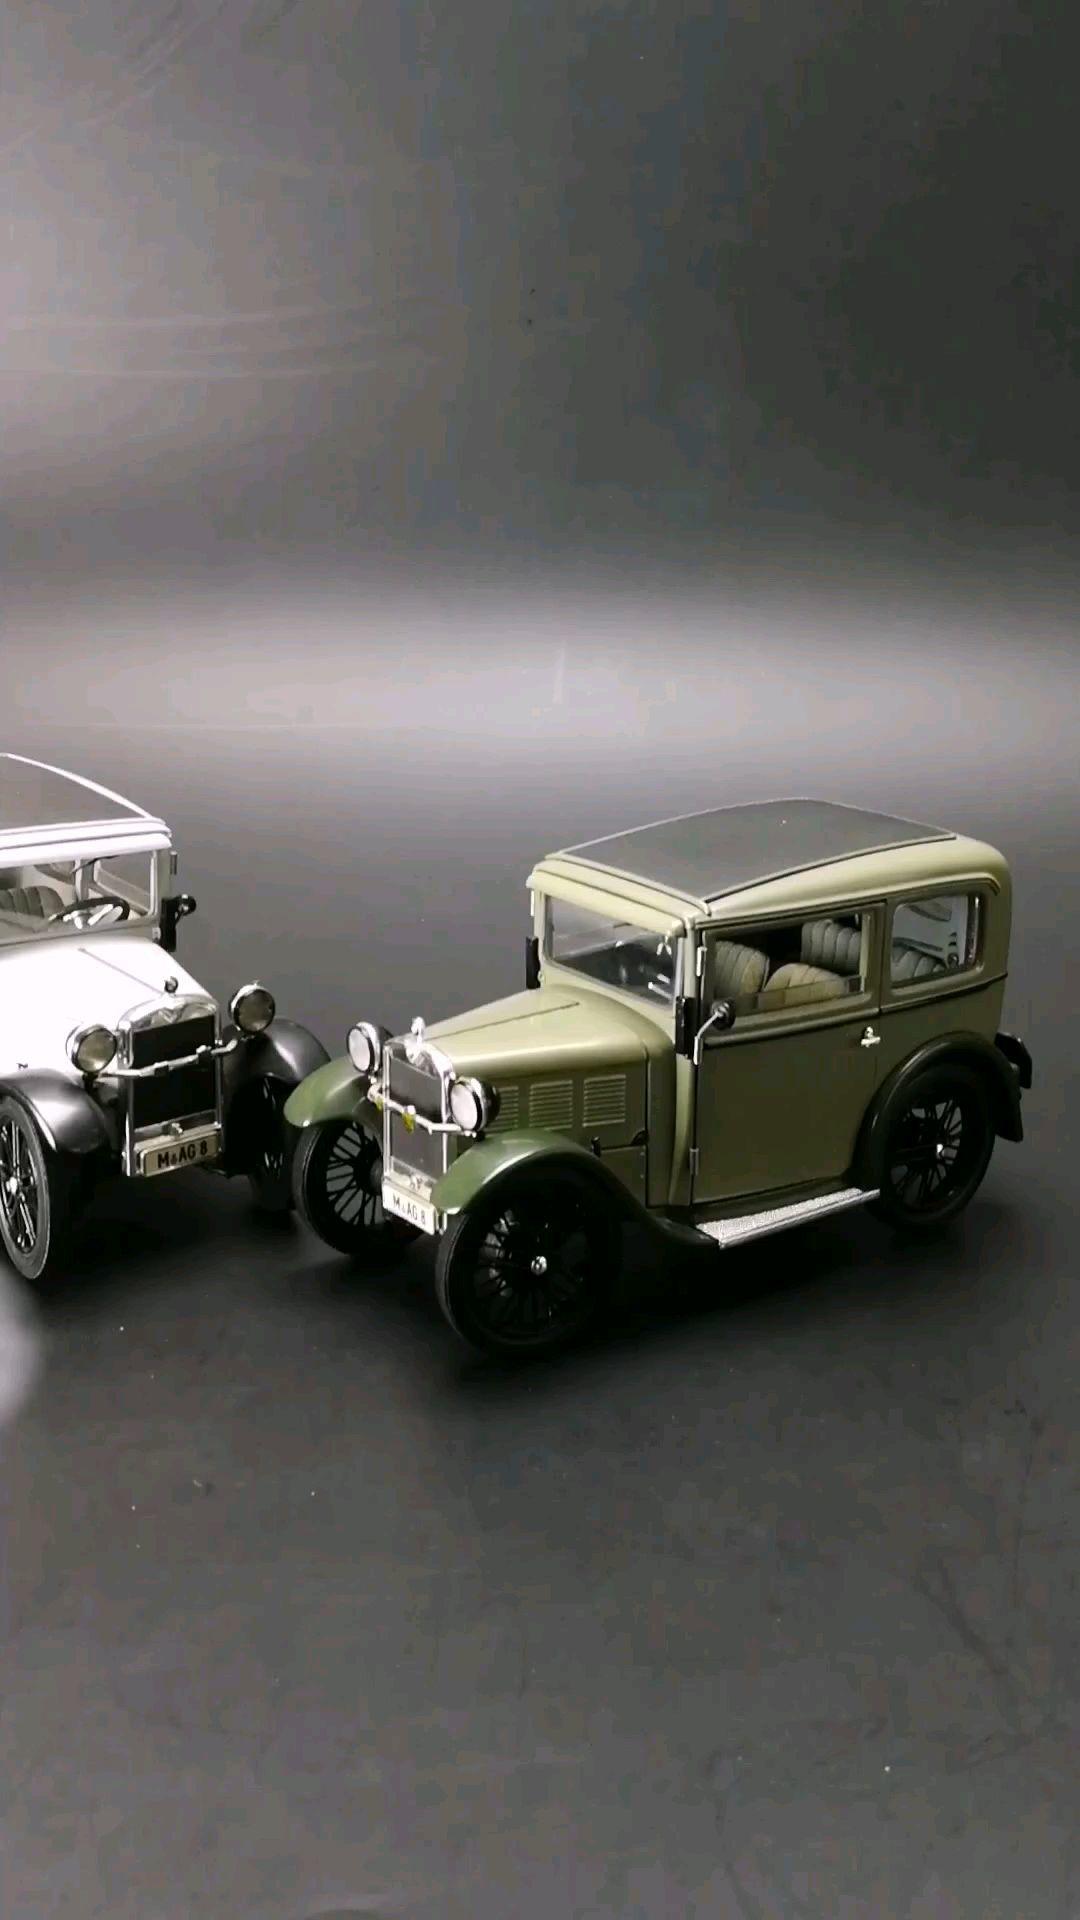 1929第一辆宝马牌轿车DIXI 3/15 ,1:18比例,东晓汽车模型收藏馆藏品。